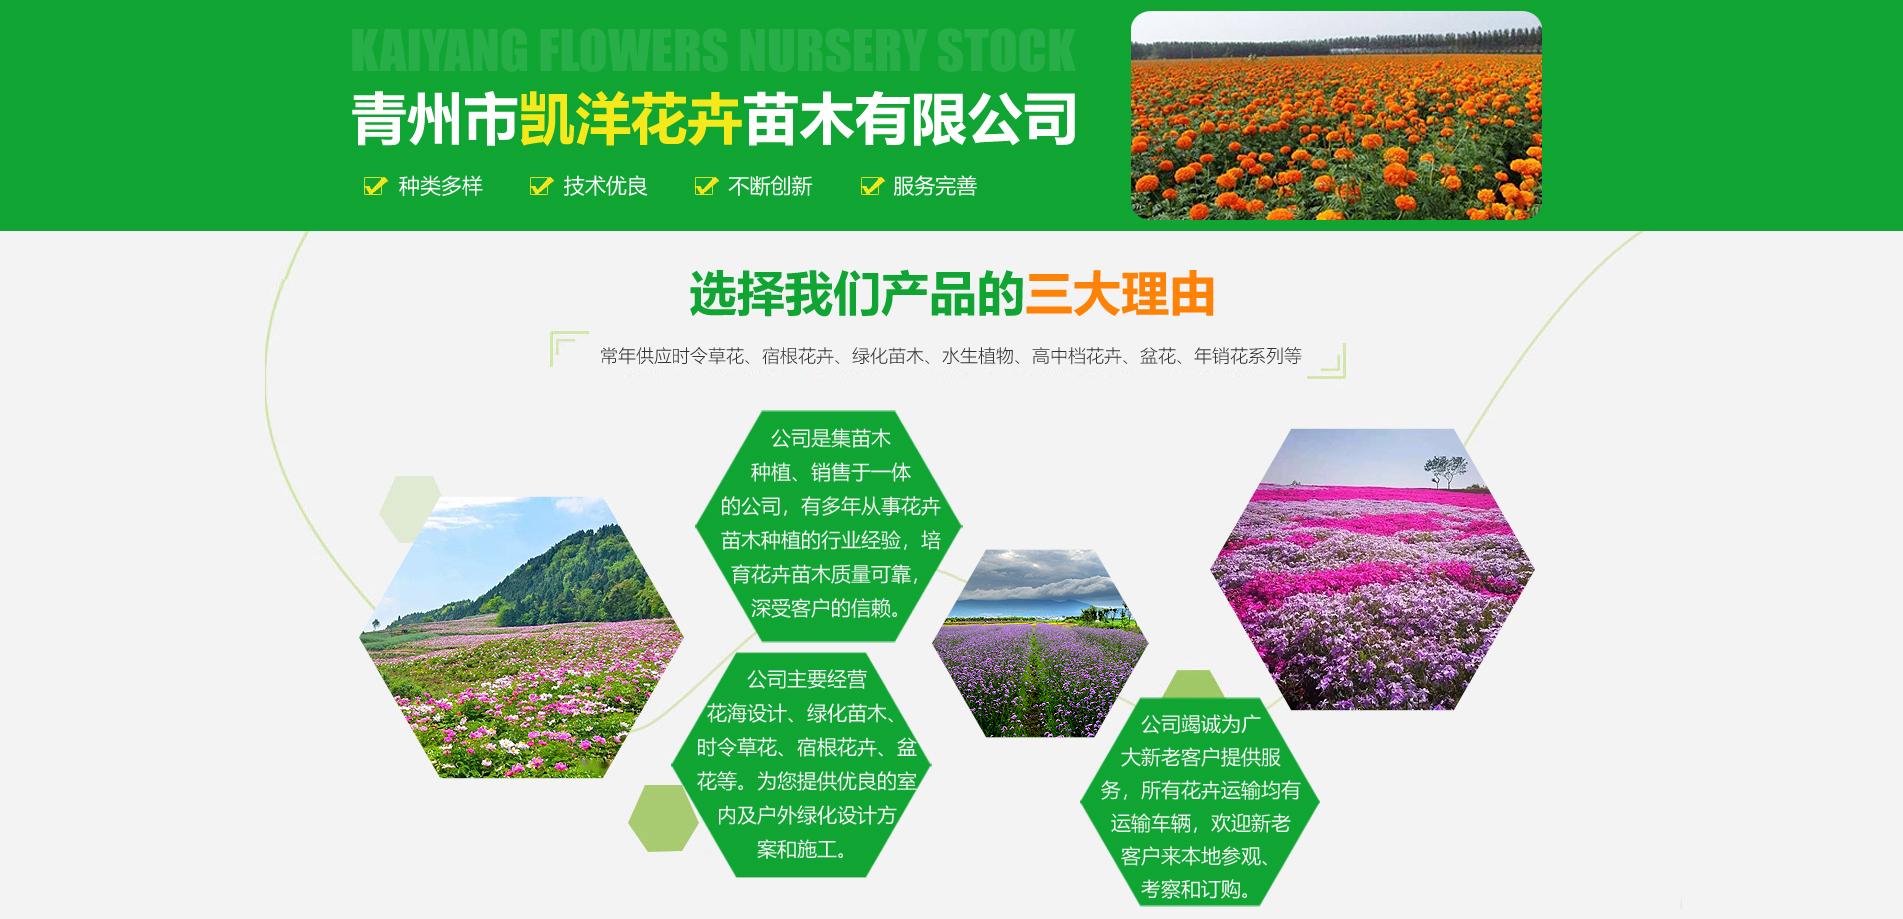 青州市凯洋花卉苗木有限公司